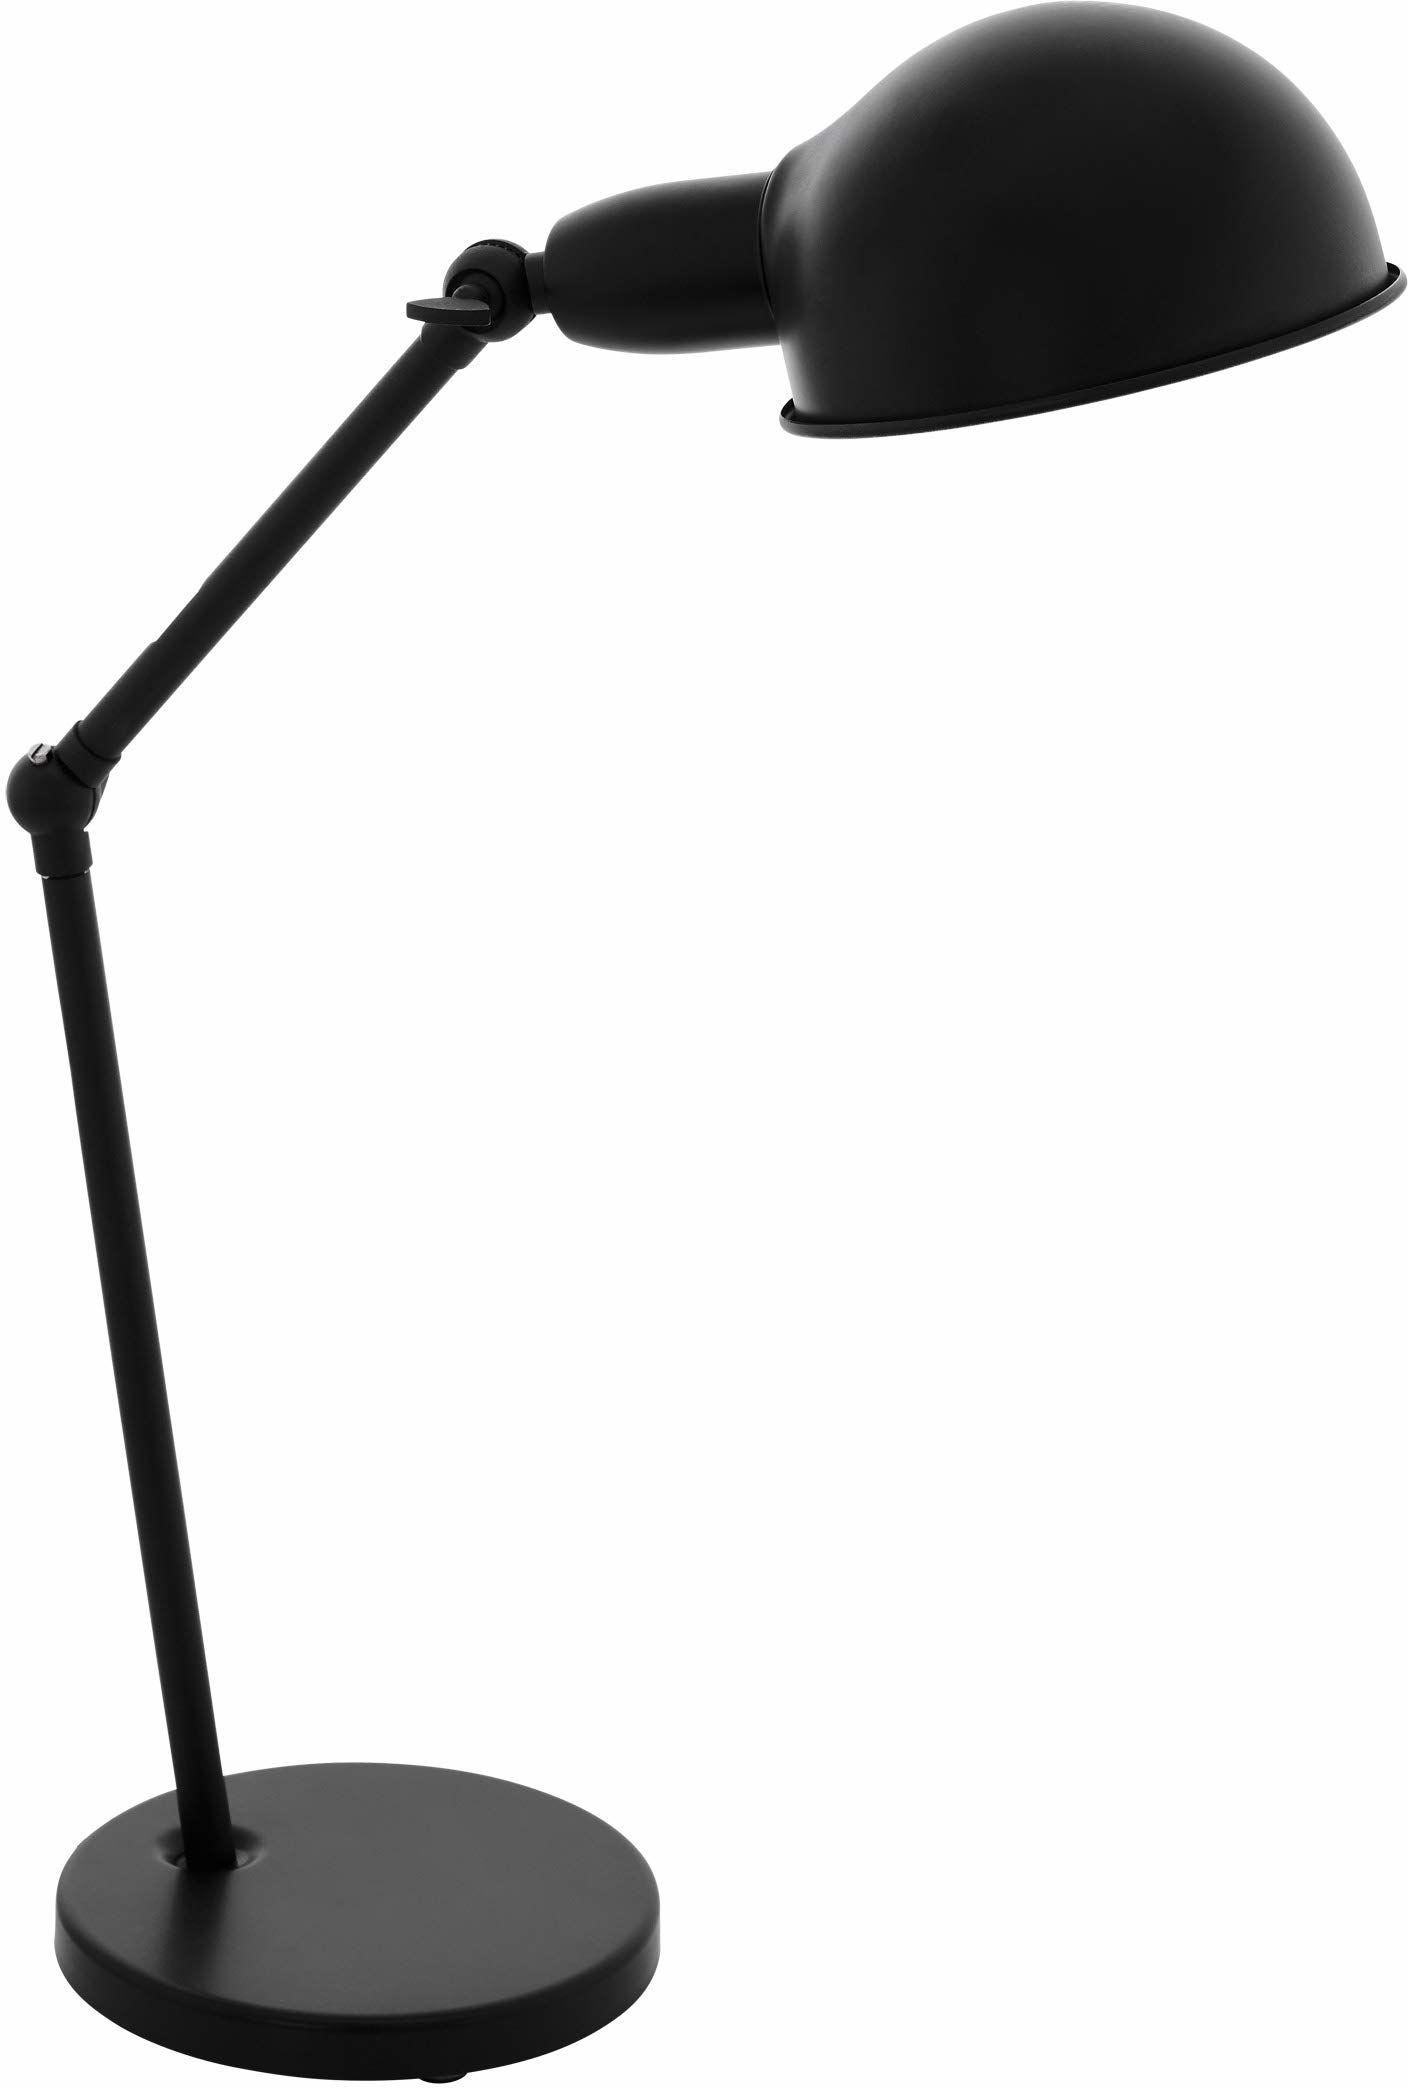 EGLO Exmoor lampa stołowa w stylu vintage, industrialny, retro, ze stali, lampka na biurko w kolorze czarnym, lampa z przełącznikiem, oprawka E27